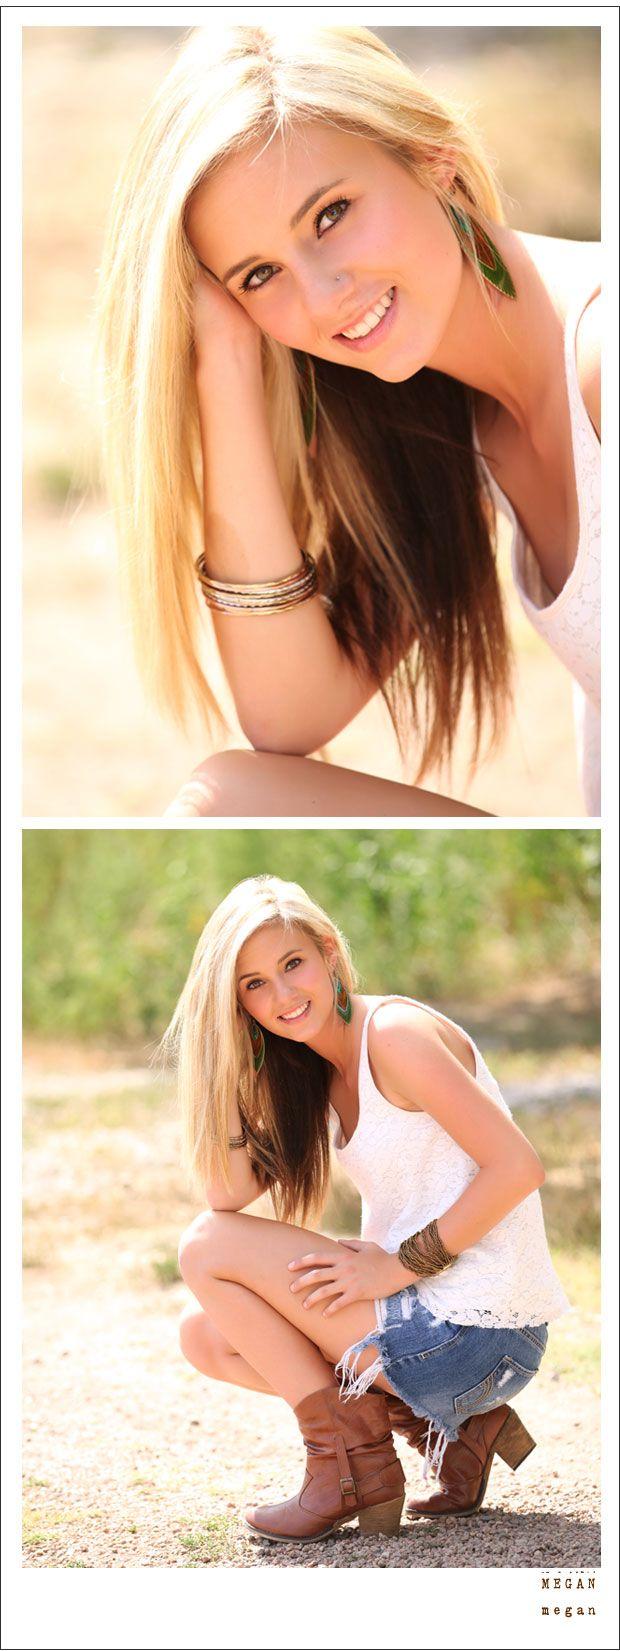 Senior Pictures, Megan Papke